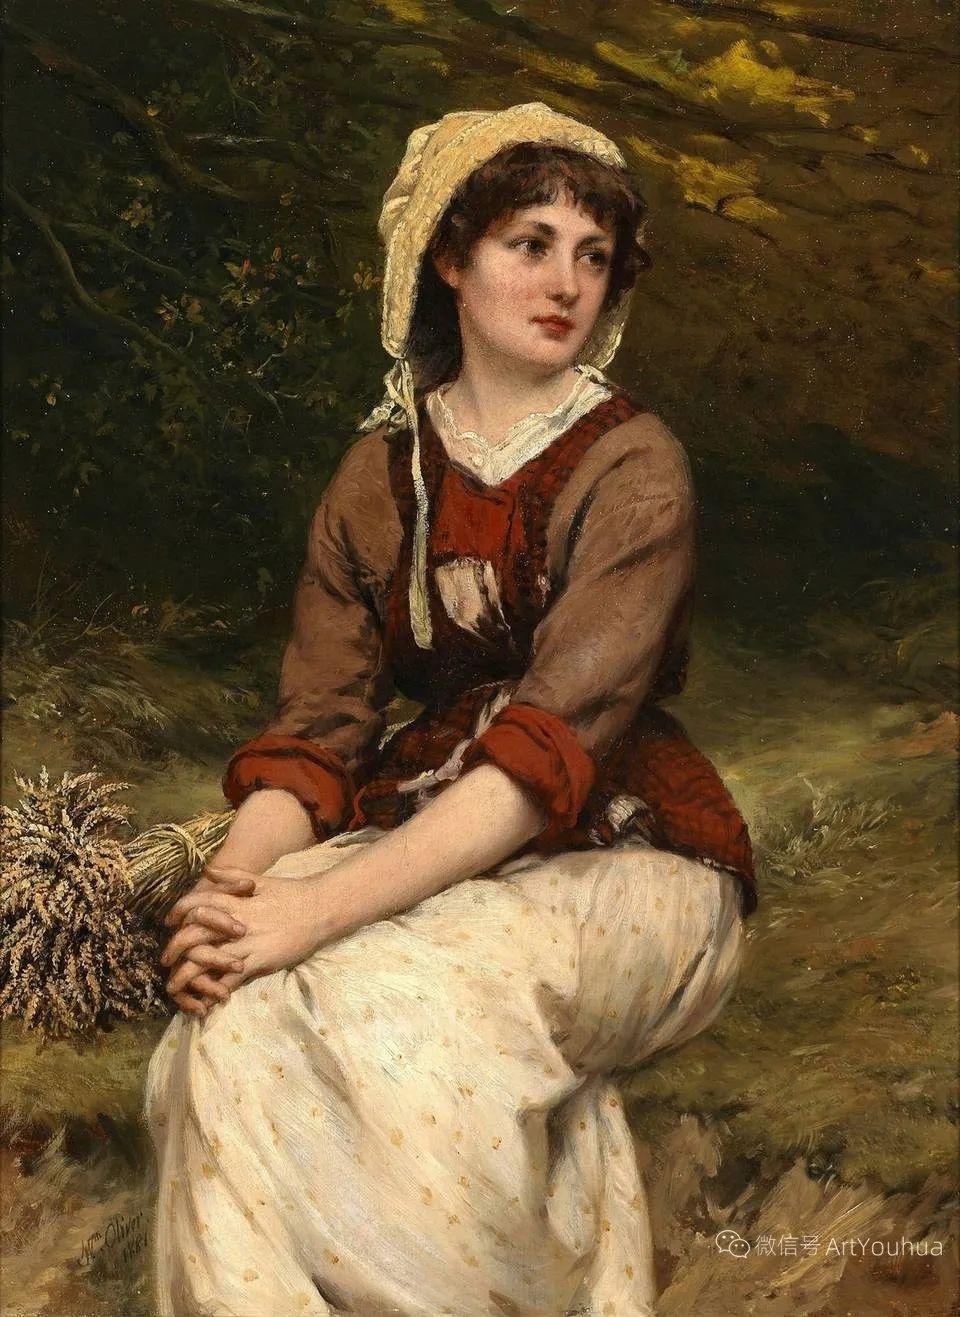 纯情与美丽,英国画家威廉·奥利弗作品选插图47